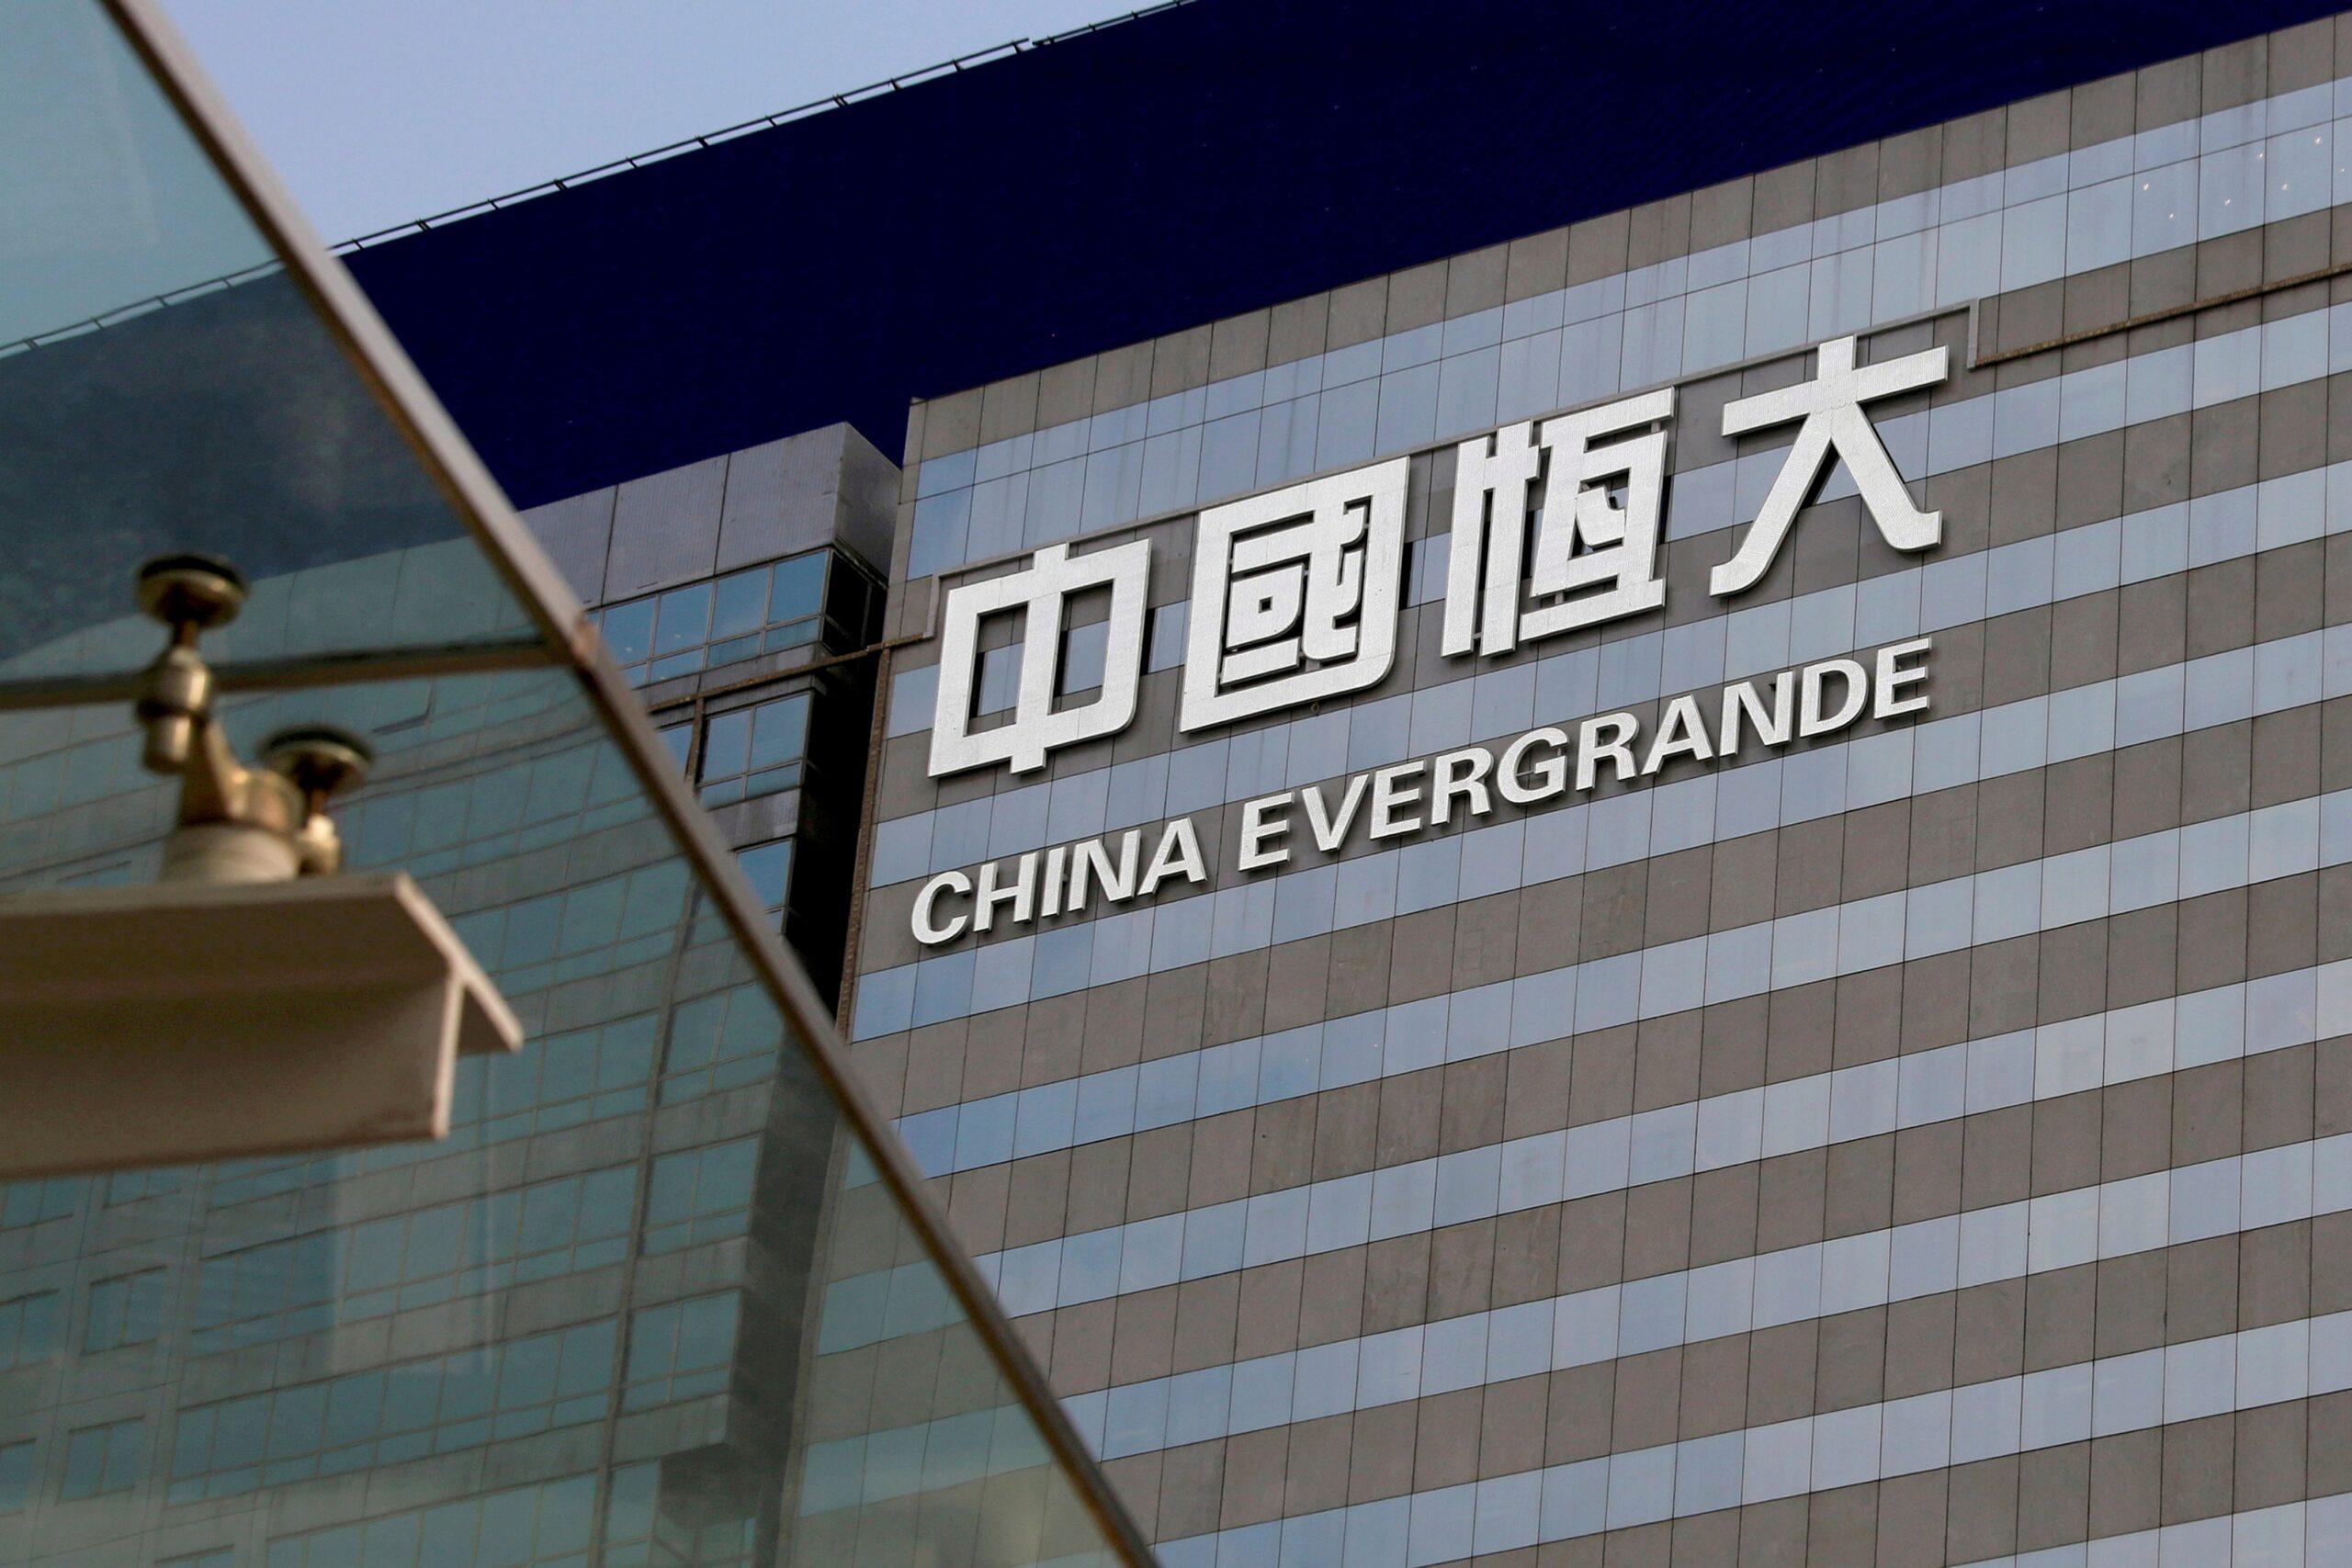 Conheça a Evergrande, incorporadora chinesa à beira do calote e que tem até um time de futebol